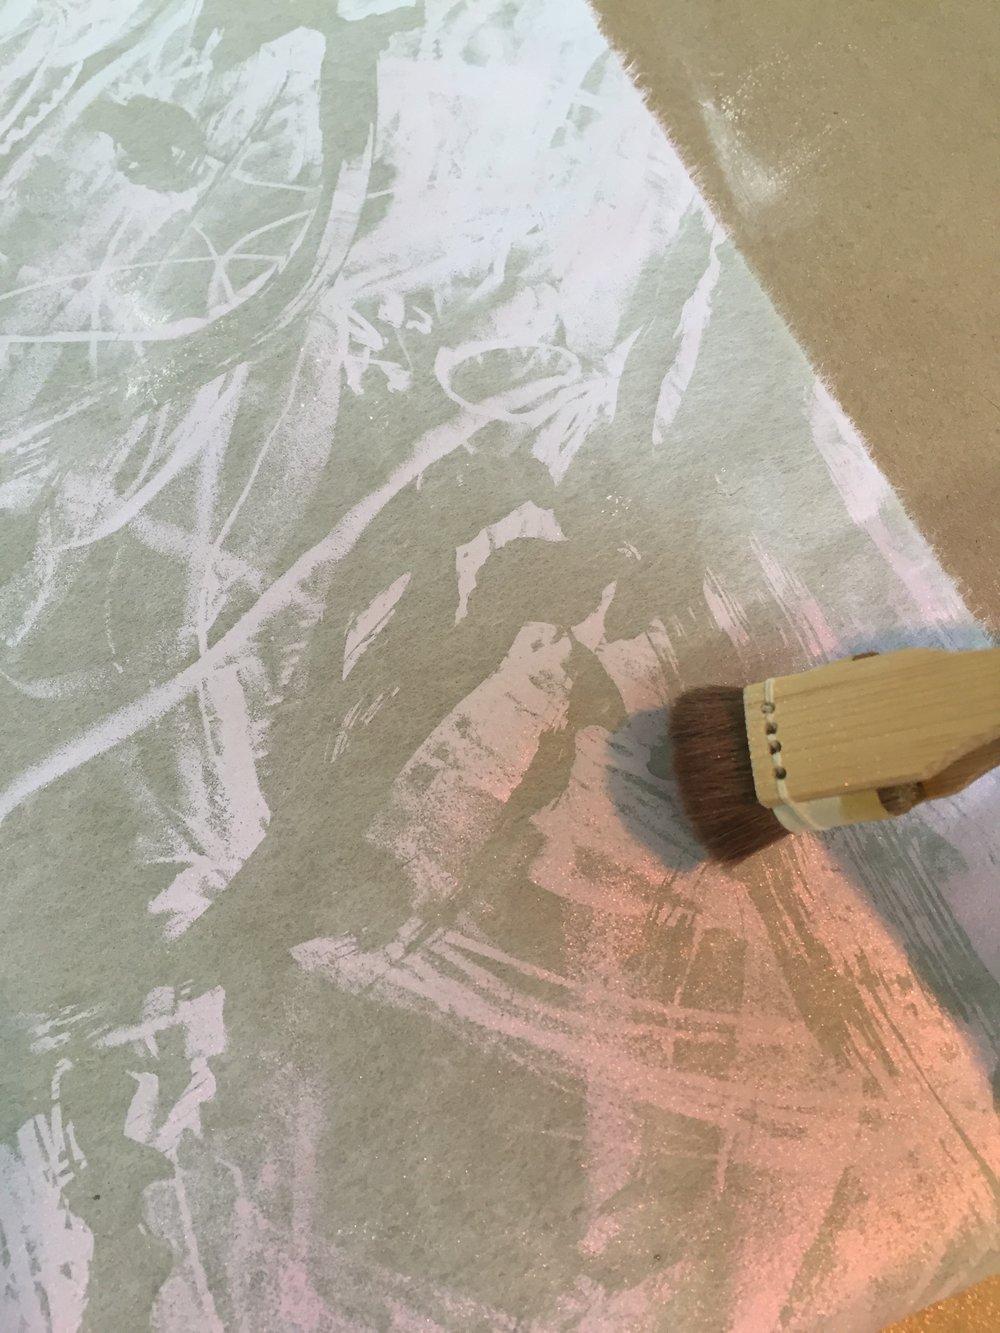 adding metallic pigment